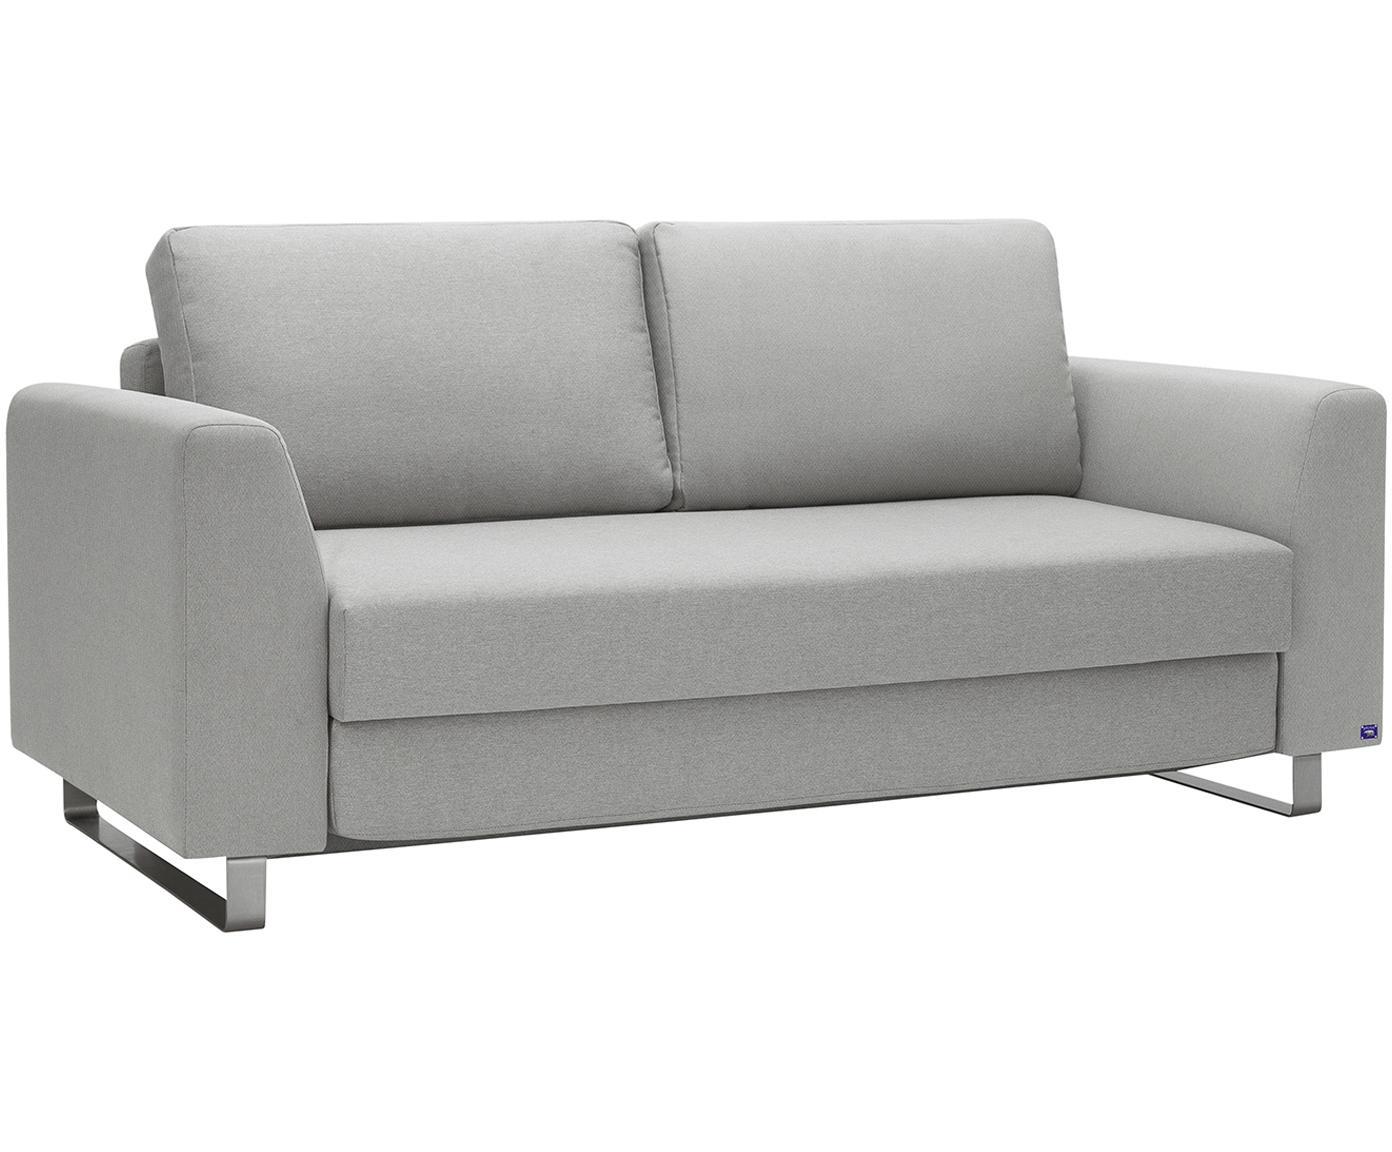 Schlafsofa Bruno (2-Sitzer), Bezug: Pflegeleichtes robustes P, Rahmen: Massivholz, Füße: Gebürstetes Metall oder B, Webstoff Hellgrau, B 180 x T 84 cm